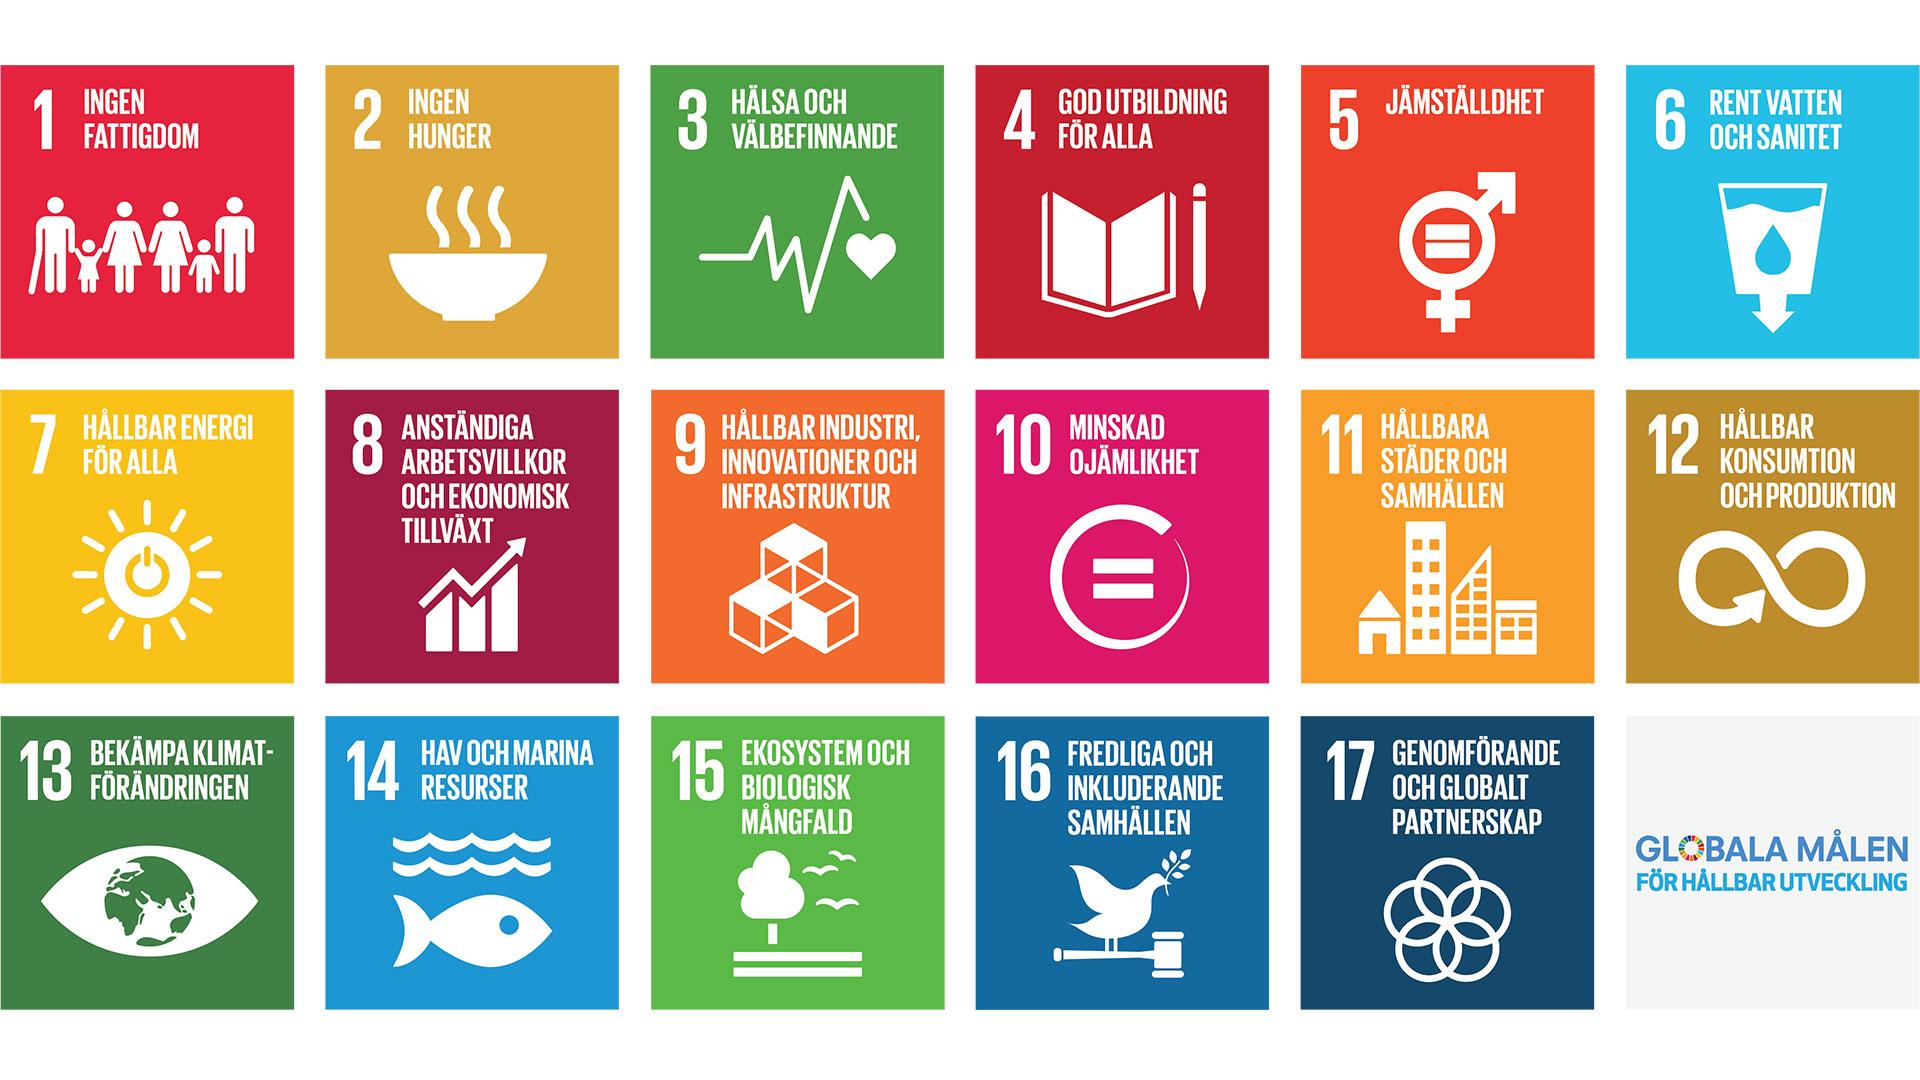 Globala målen för hållbar utveckling, SDGs